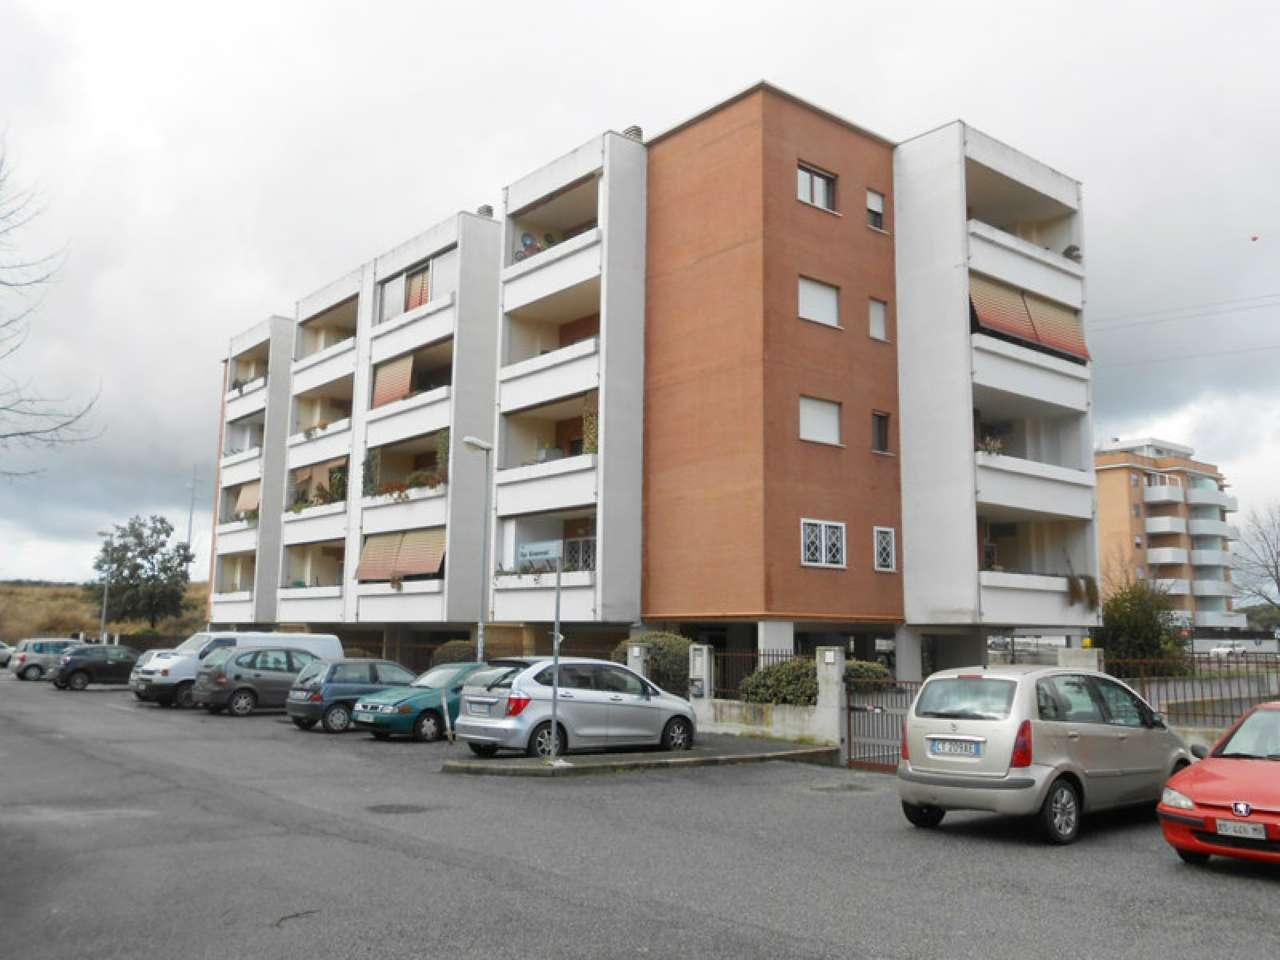 Appartamento in vendita a Roma, 2 locali, zona Zona: 9 . Prenestino, Collatino, Tor Sapienza, Torre Spaccata, Tor Tre Teste, Torre Maura, prezzo € 155.000 | Cambio Casa.it